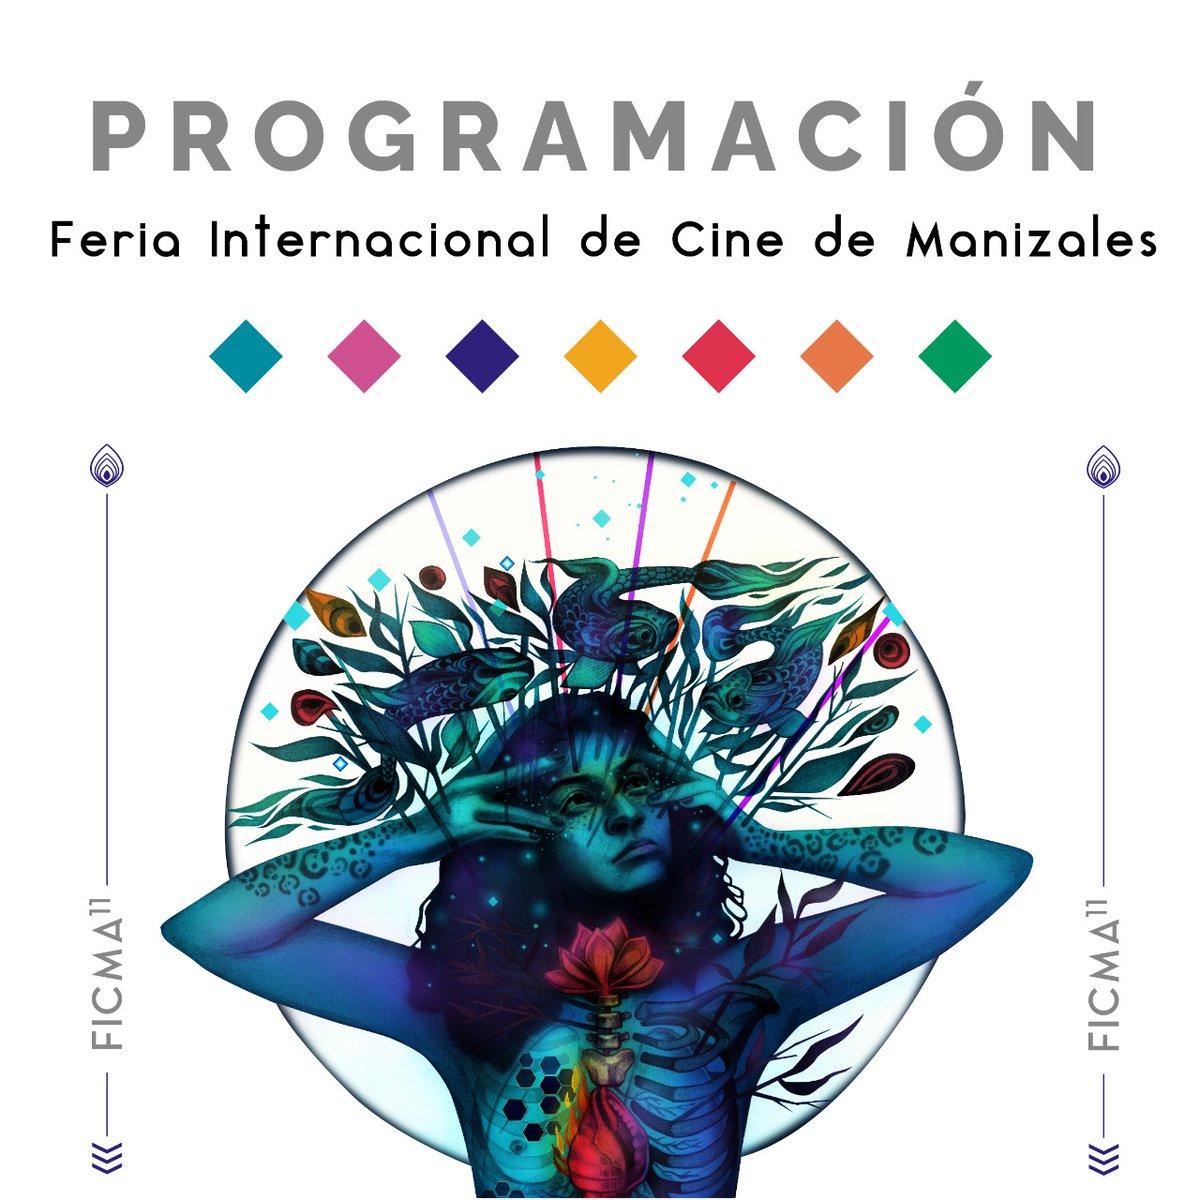 Descarga y prográmate con los estrenos, diálogos y actividades que trae #FICMA11 del 24 al 30 de octubre.  Link de Programación: https://t.co/5lXvYM5DMR https://t.co/ewPh9I6RQ2